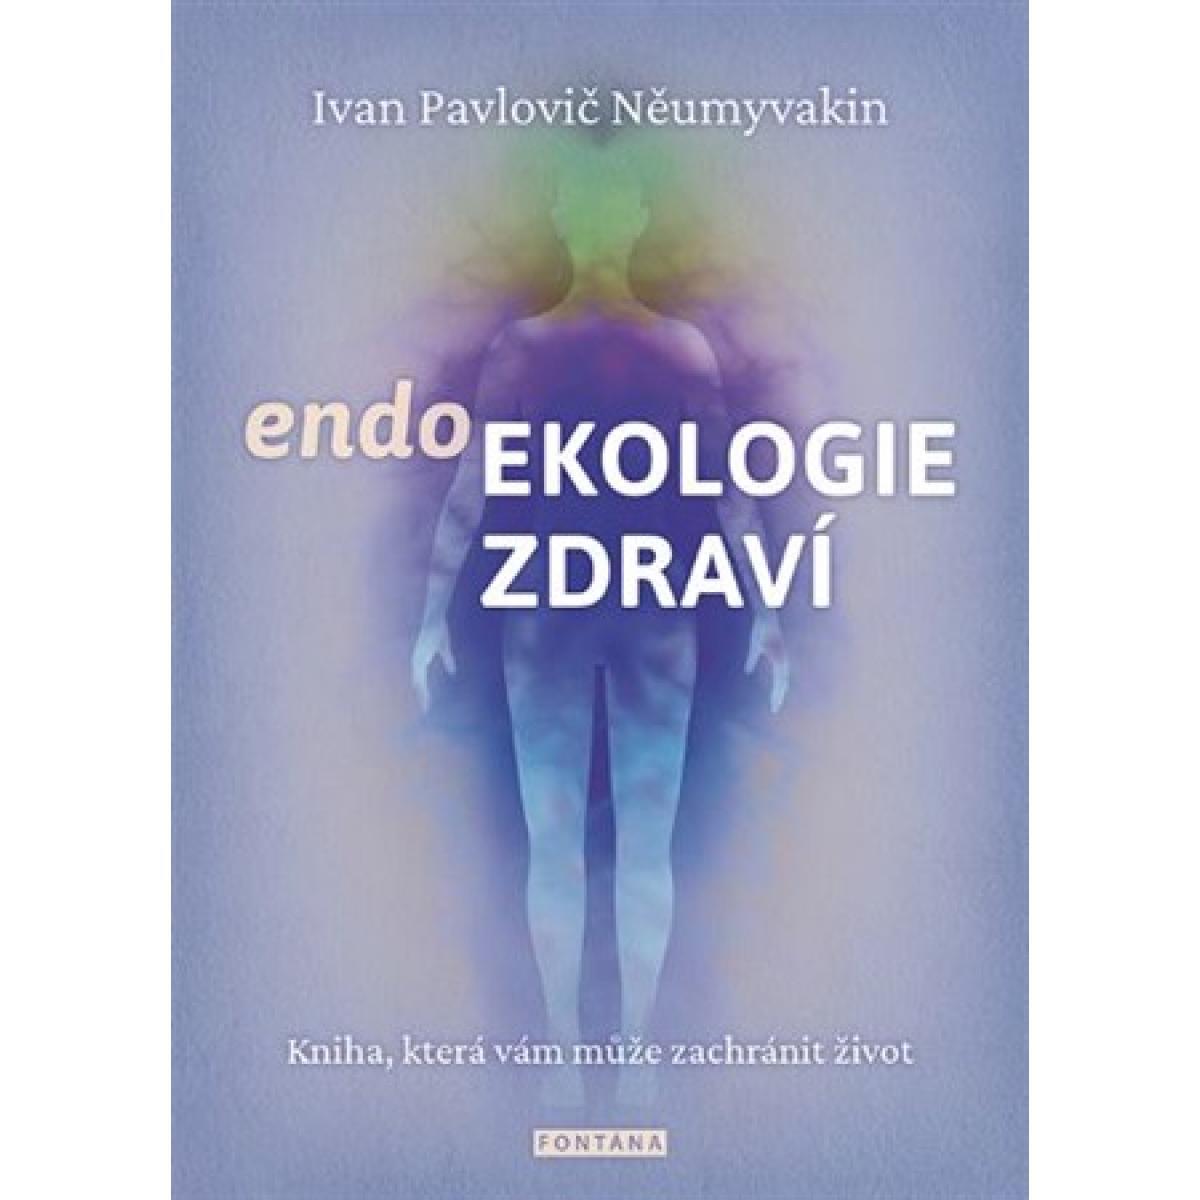 Endoekologie zdraví - Něumyvakin Ivan Pavlovič